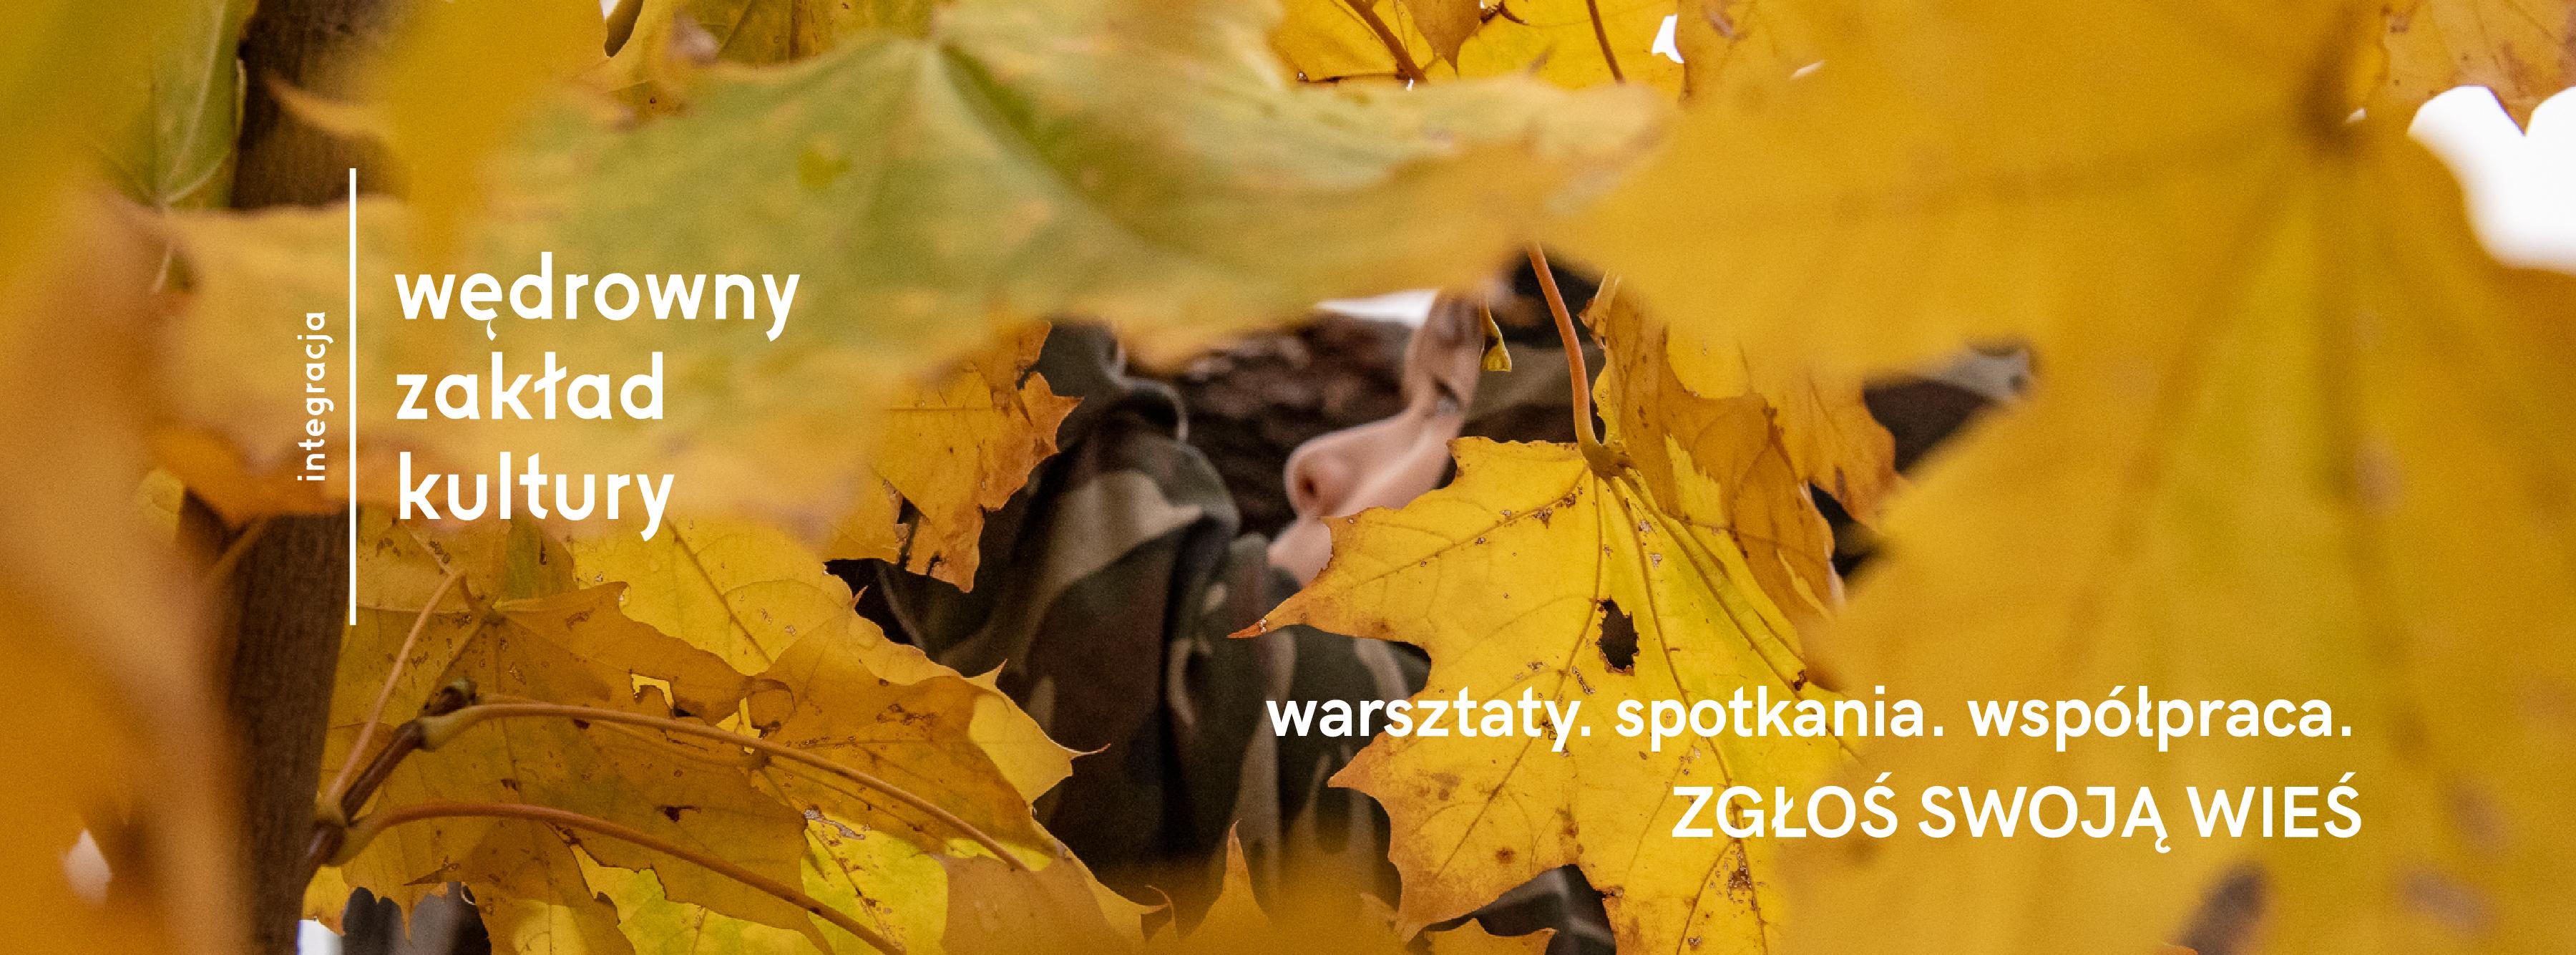 krotochwile_slider_02